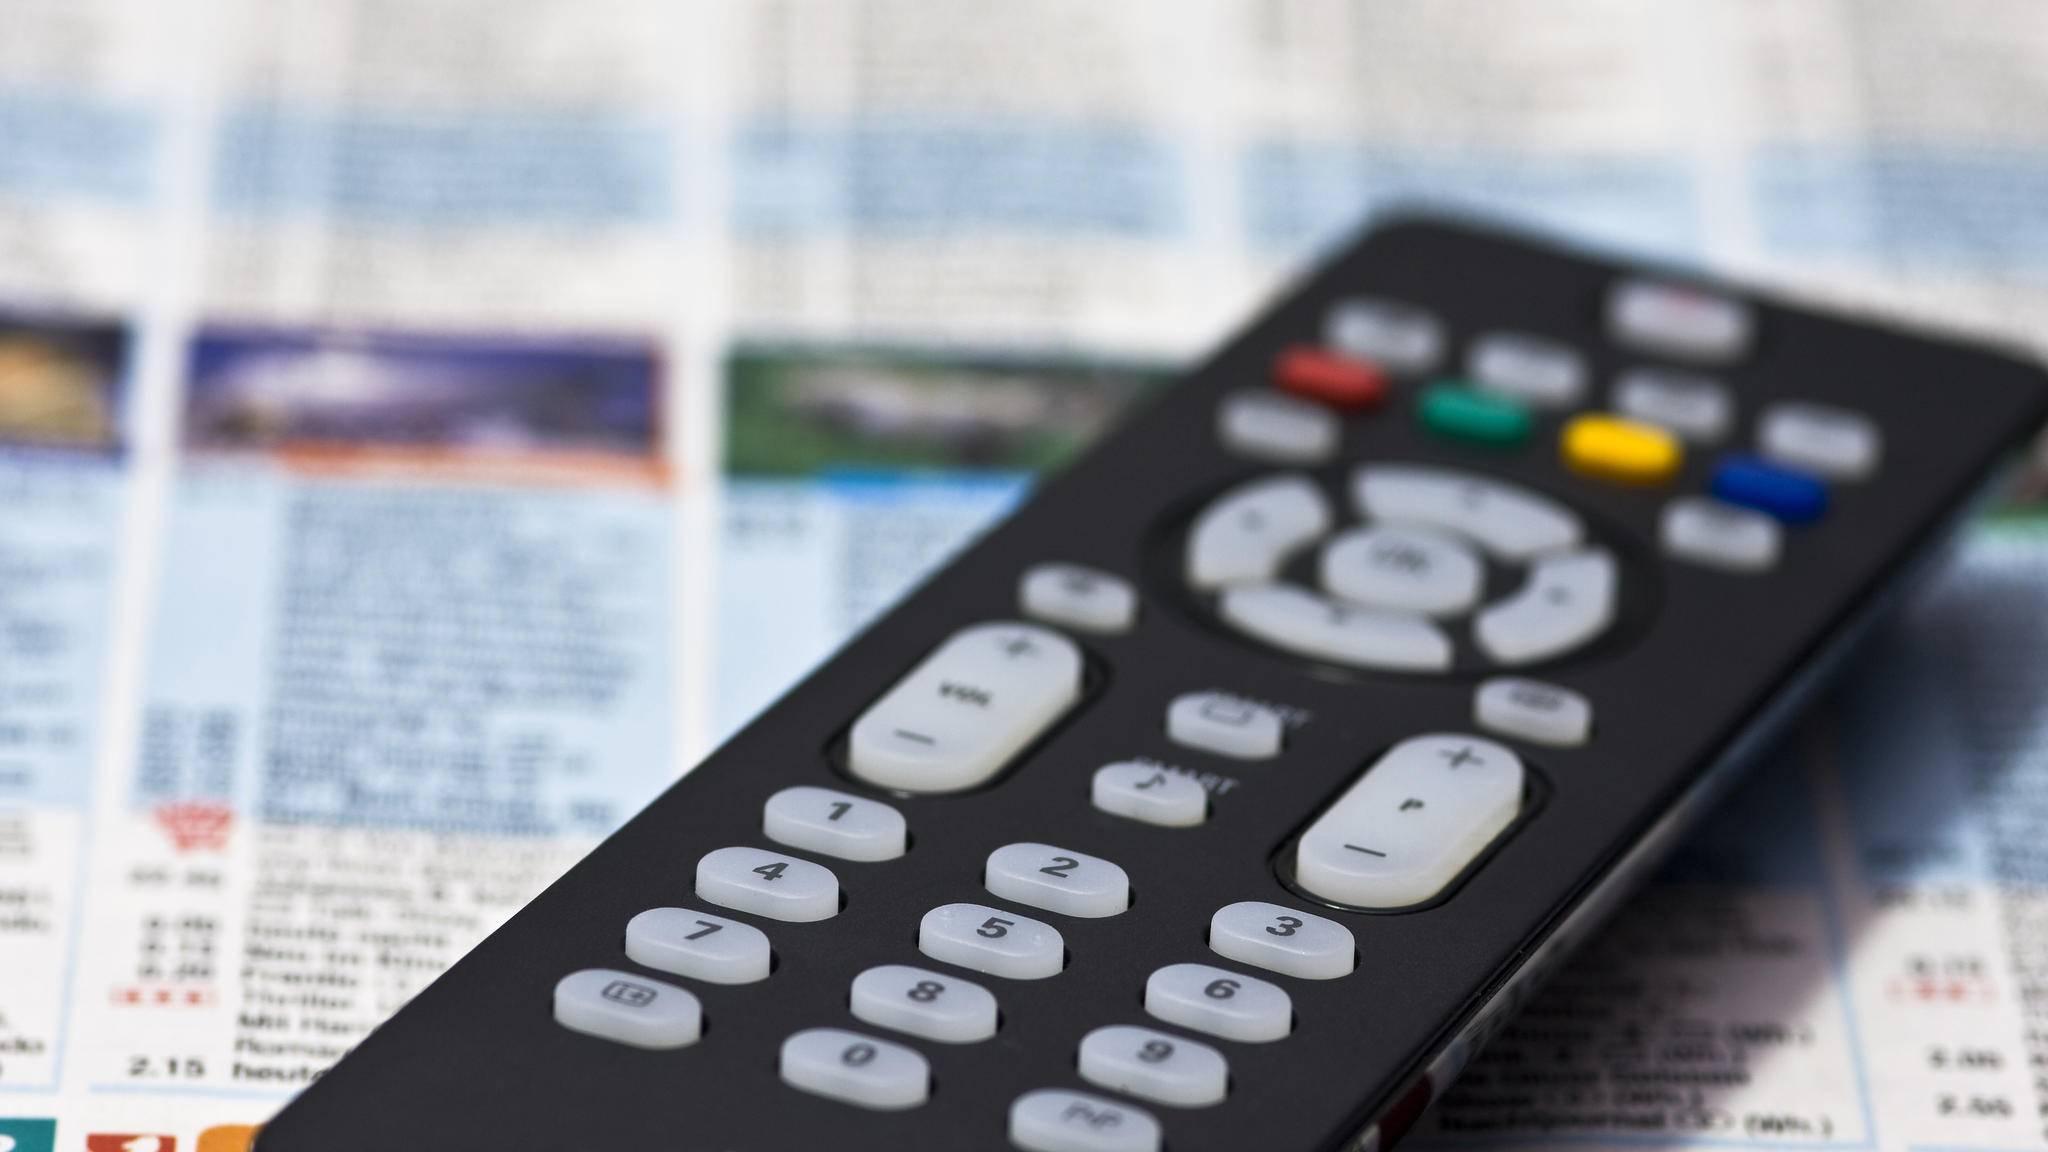 Die Konkurrenz schläft nicht: Könnten sich RTL, ProSieben, ARD und Co. bald für einen gemeinschaftlichen Streamingdienst zusammenschließen?